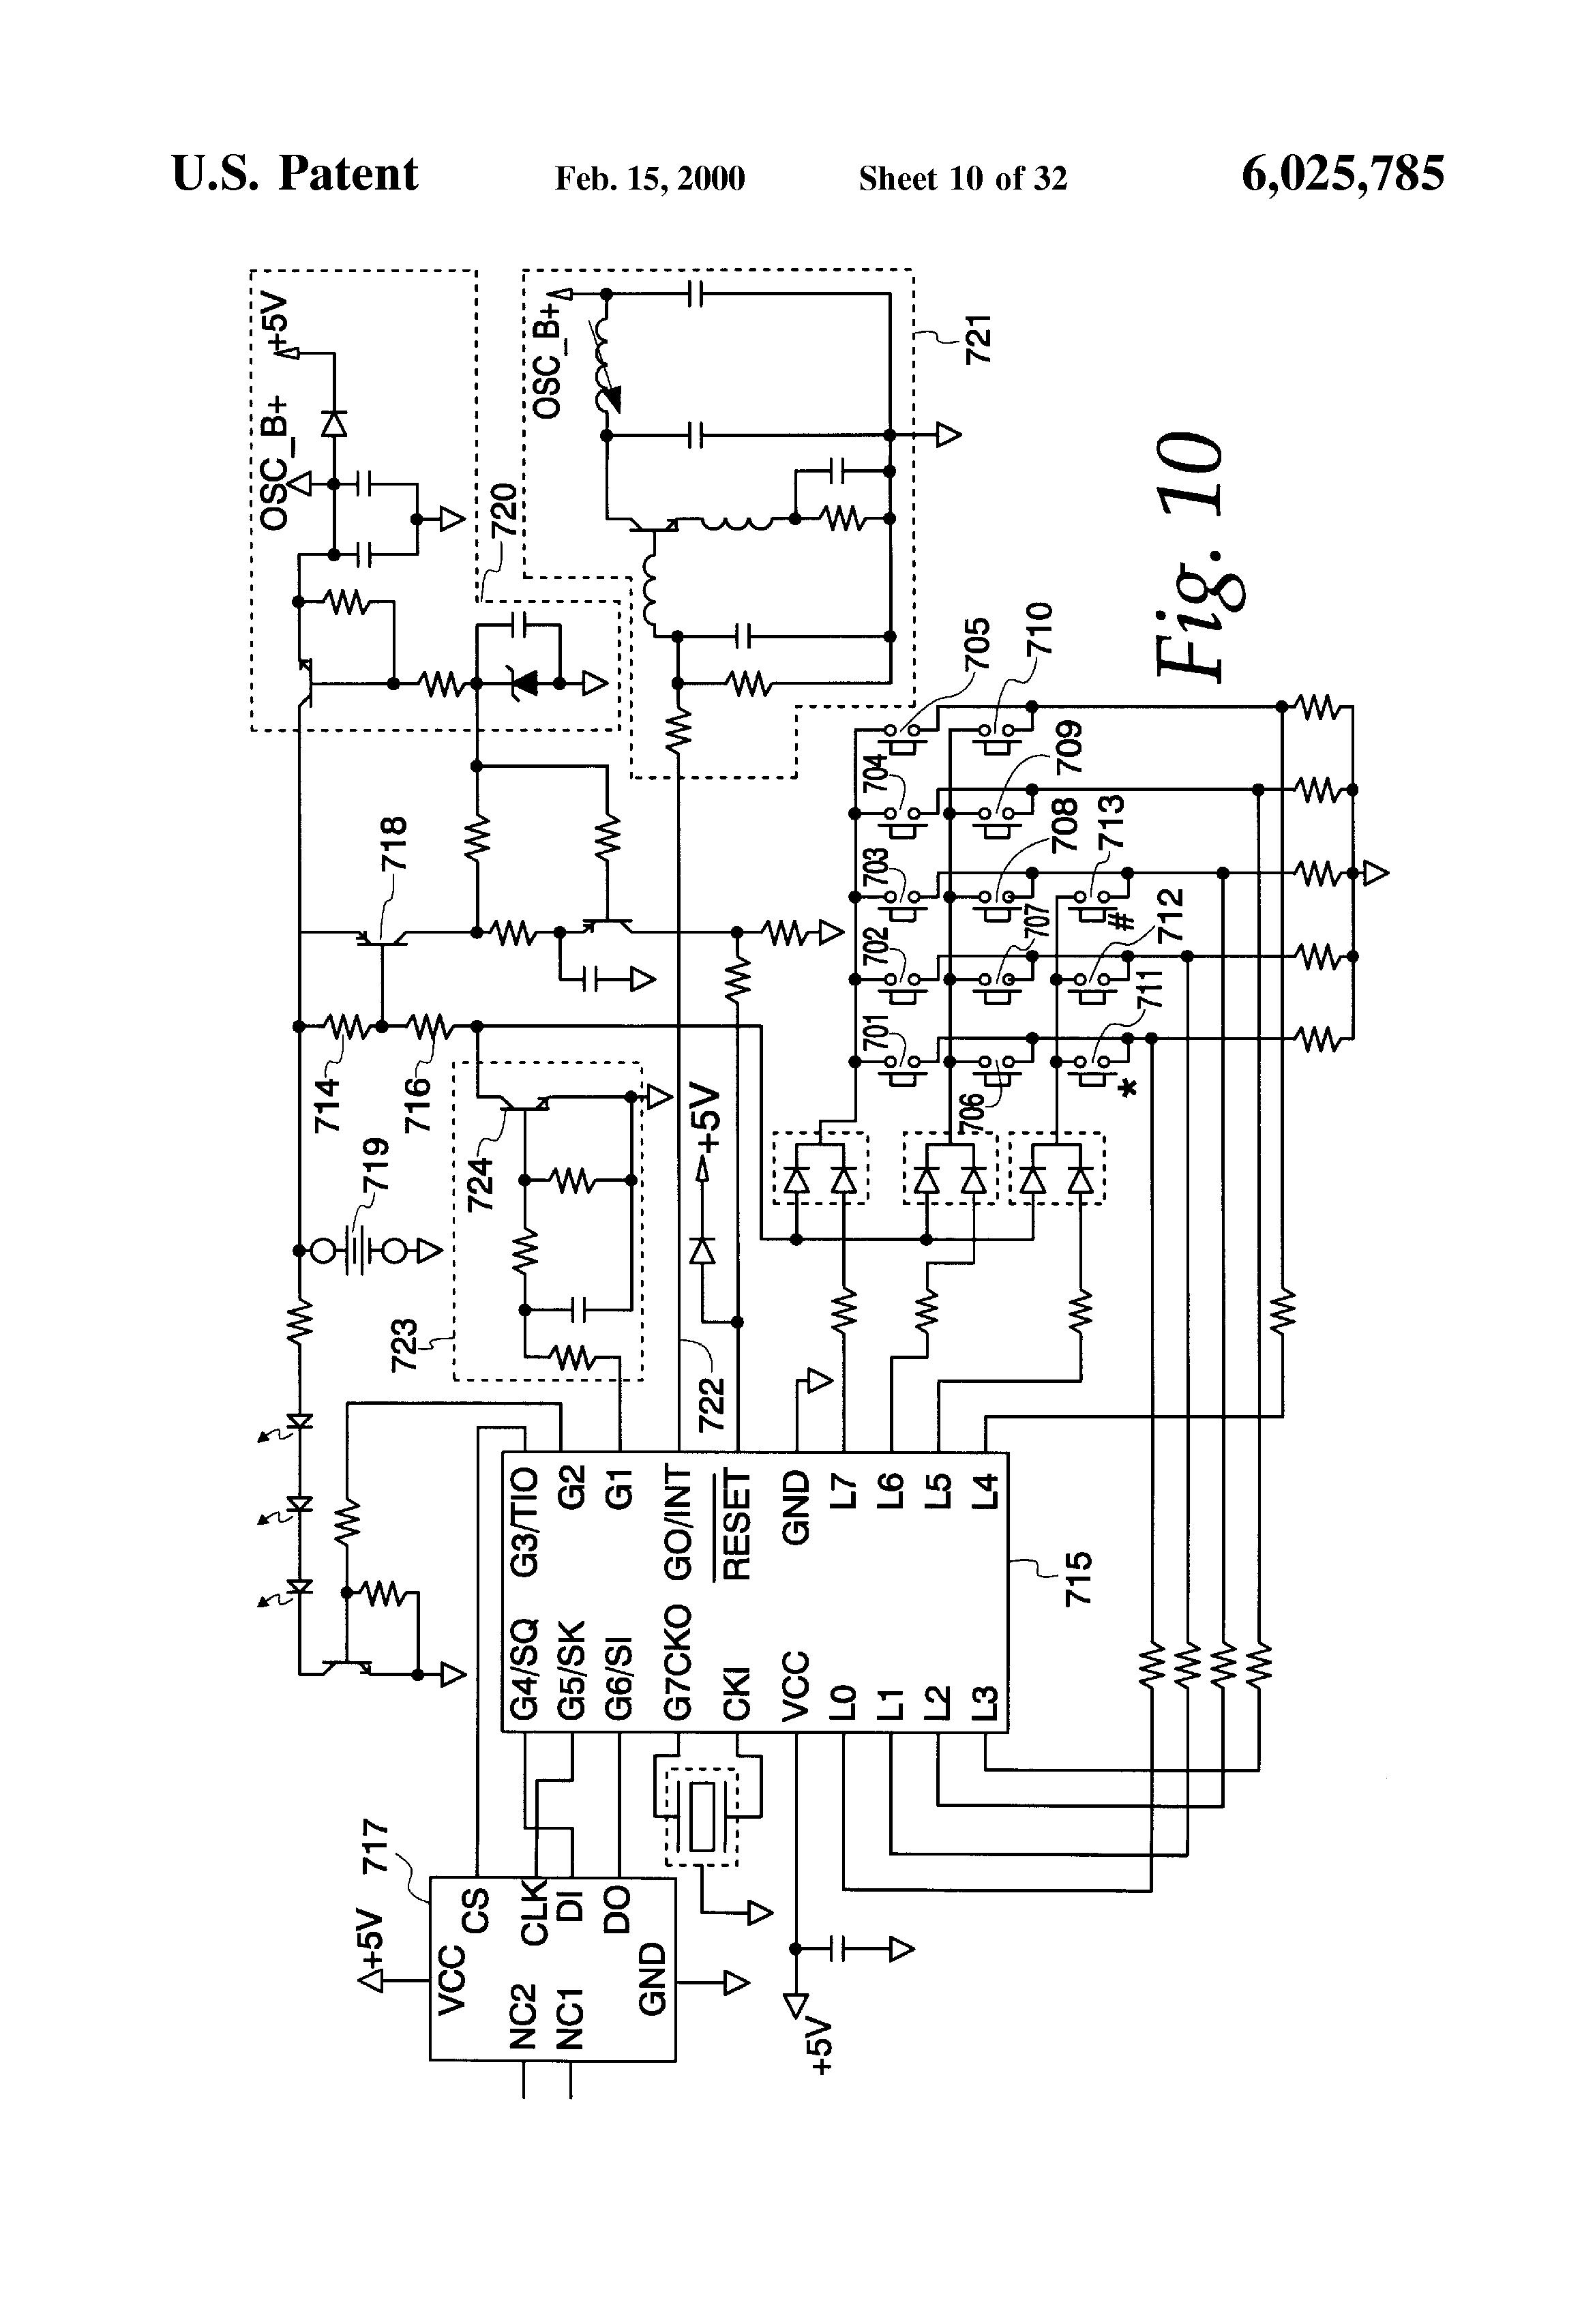 Wiring Diagram For Model 888lm Garage Door Opener